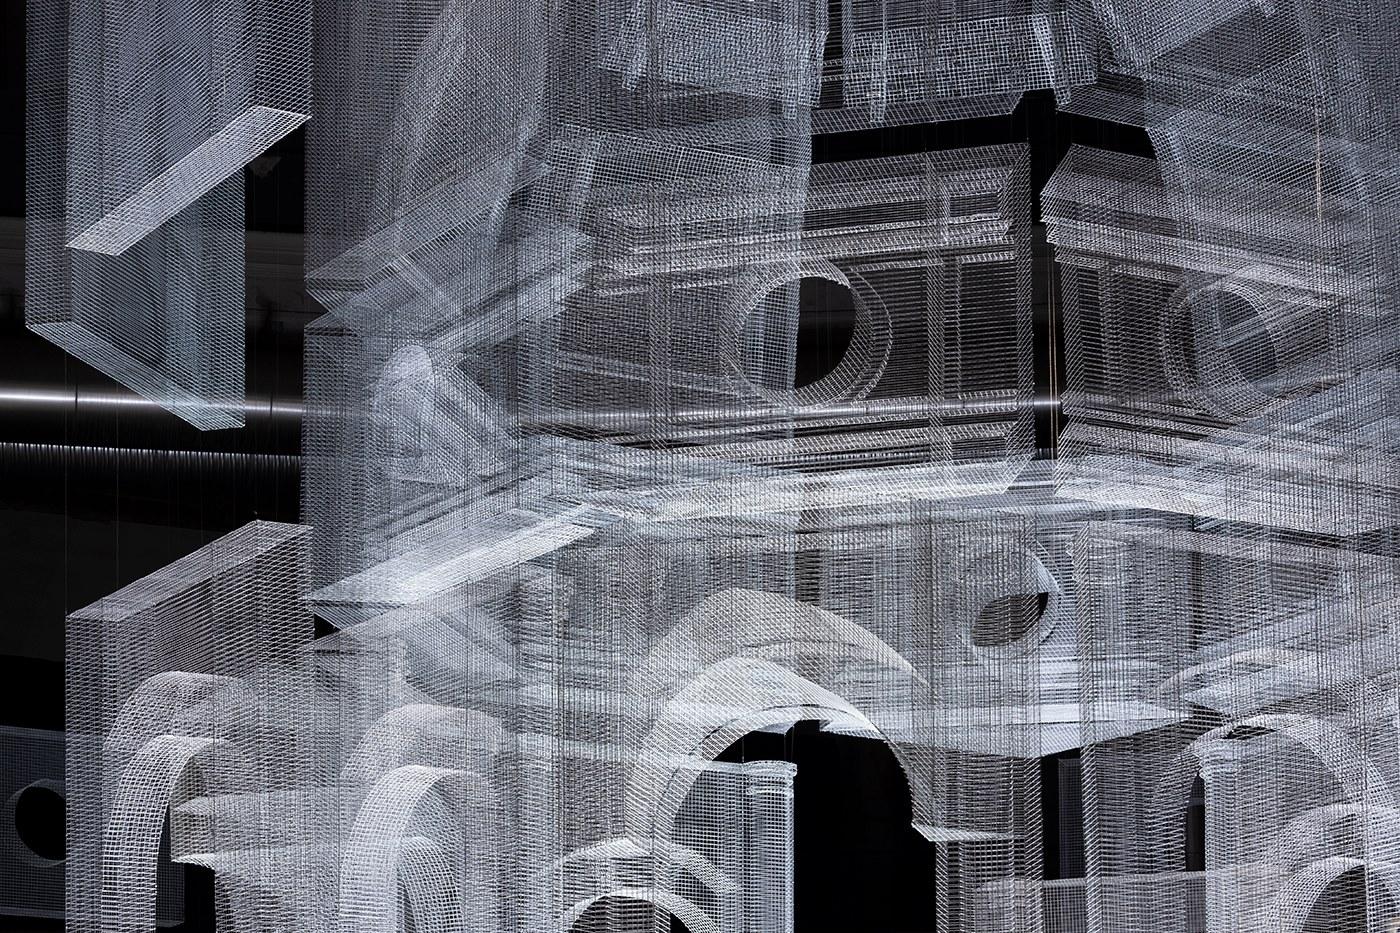 Il bel lavoro dell'artista Edoardo Tresoldi